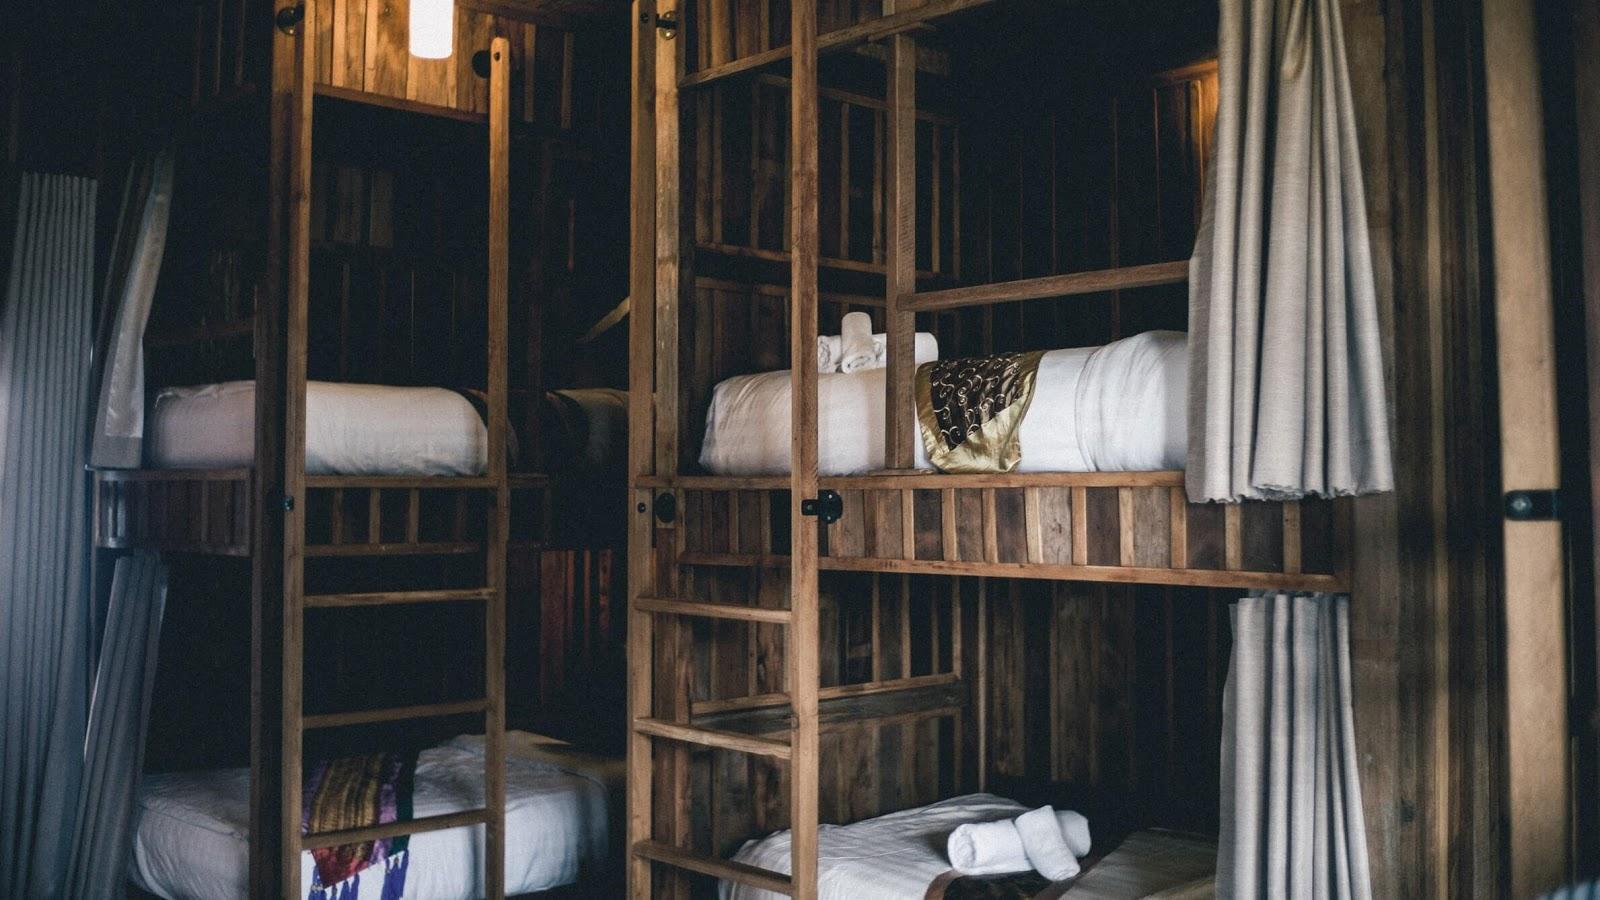 A cozy looking hostel.